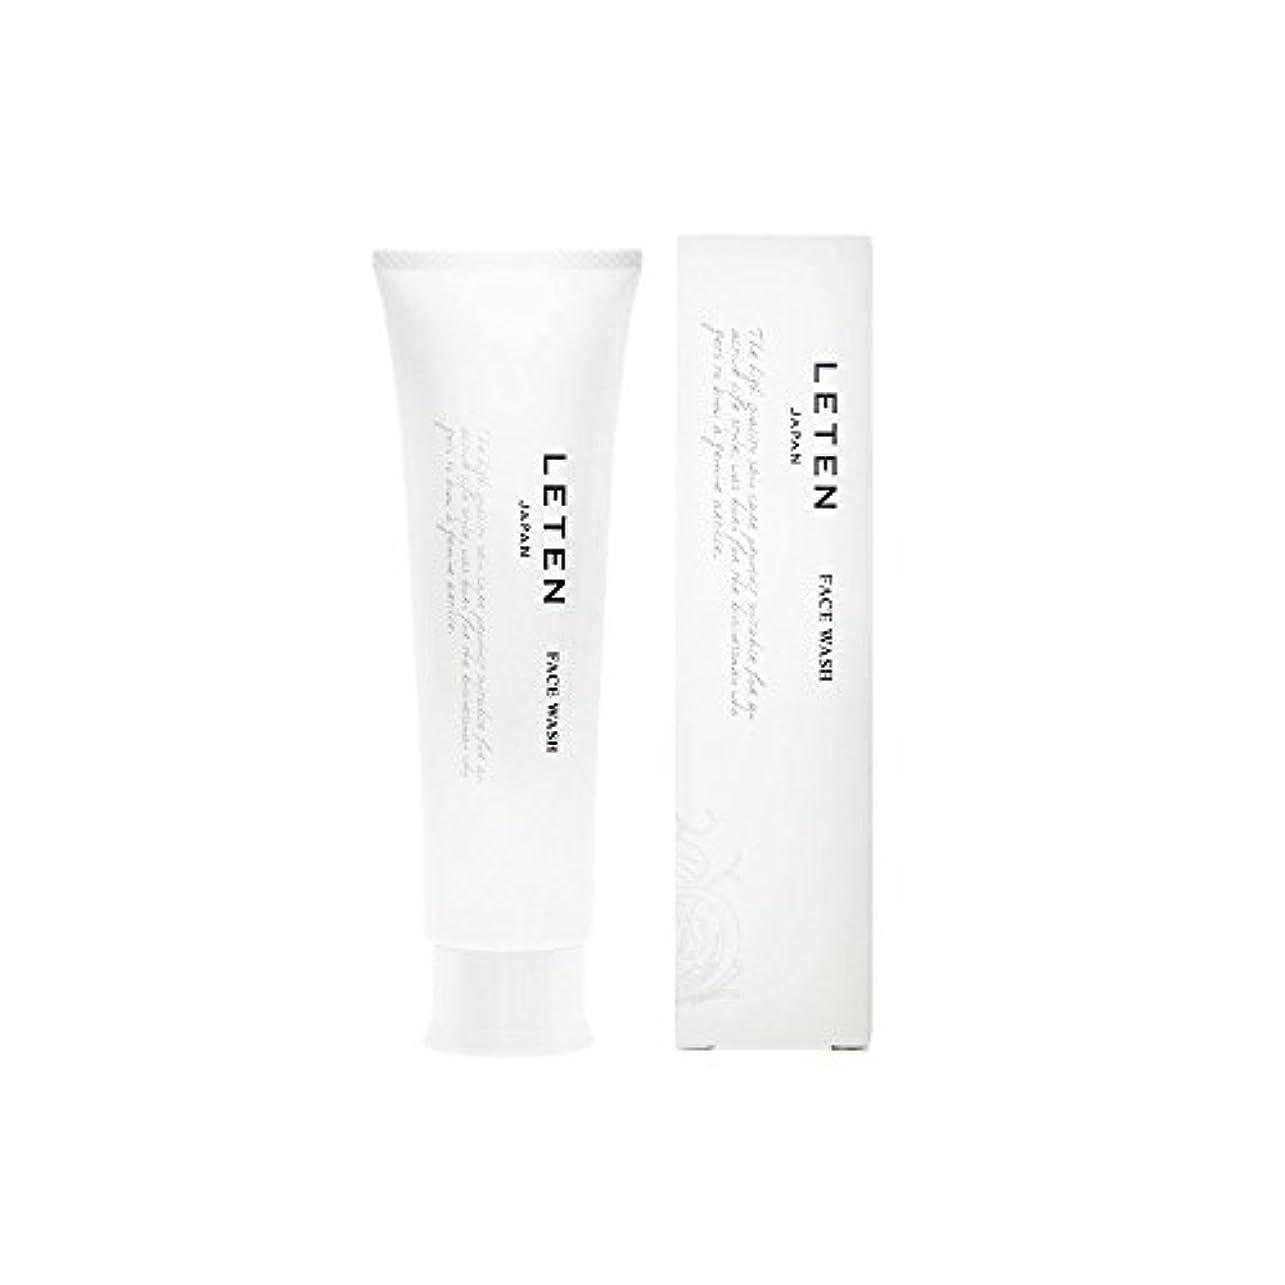 アラームセグメント抵抗するレテン (LETEN) フェイスウォッシュ 100g 洗顔フォーム 洗顔料 敏感肌